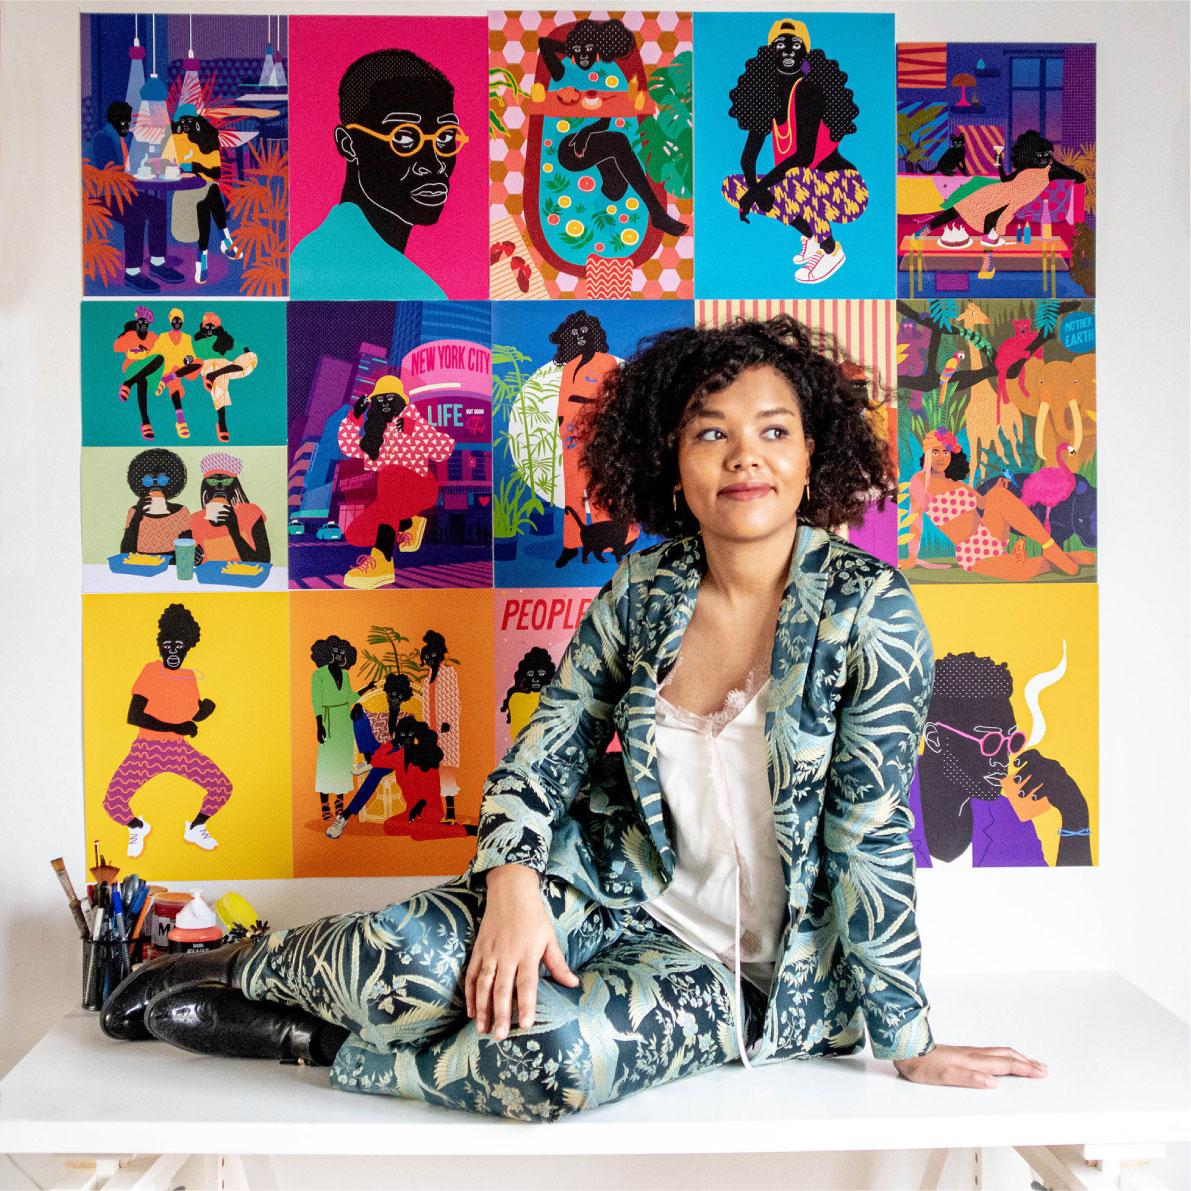 posters, photo, aurélia, painting, studio